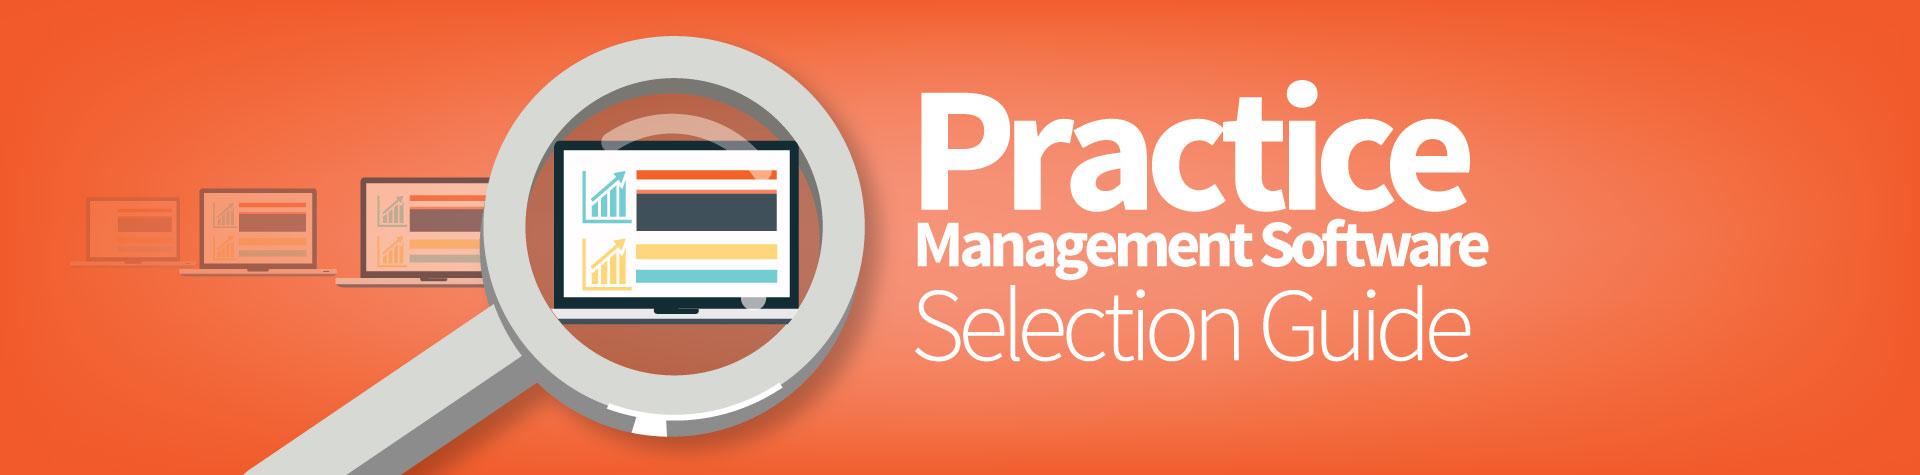 Practice Management Header